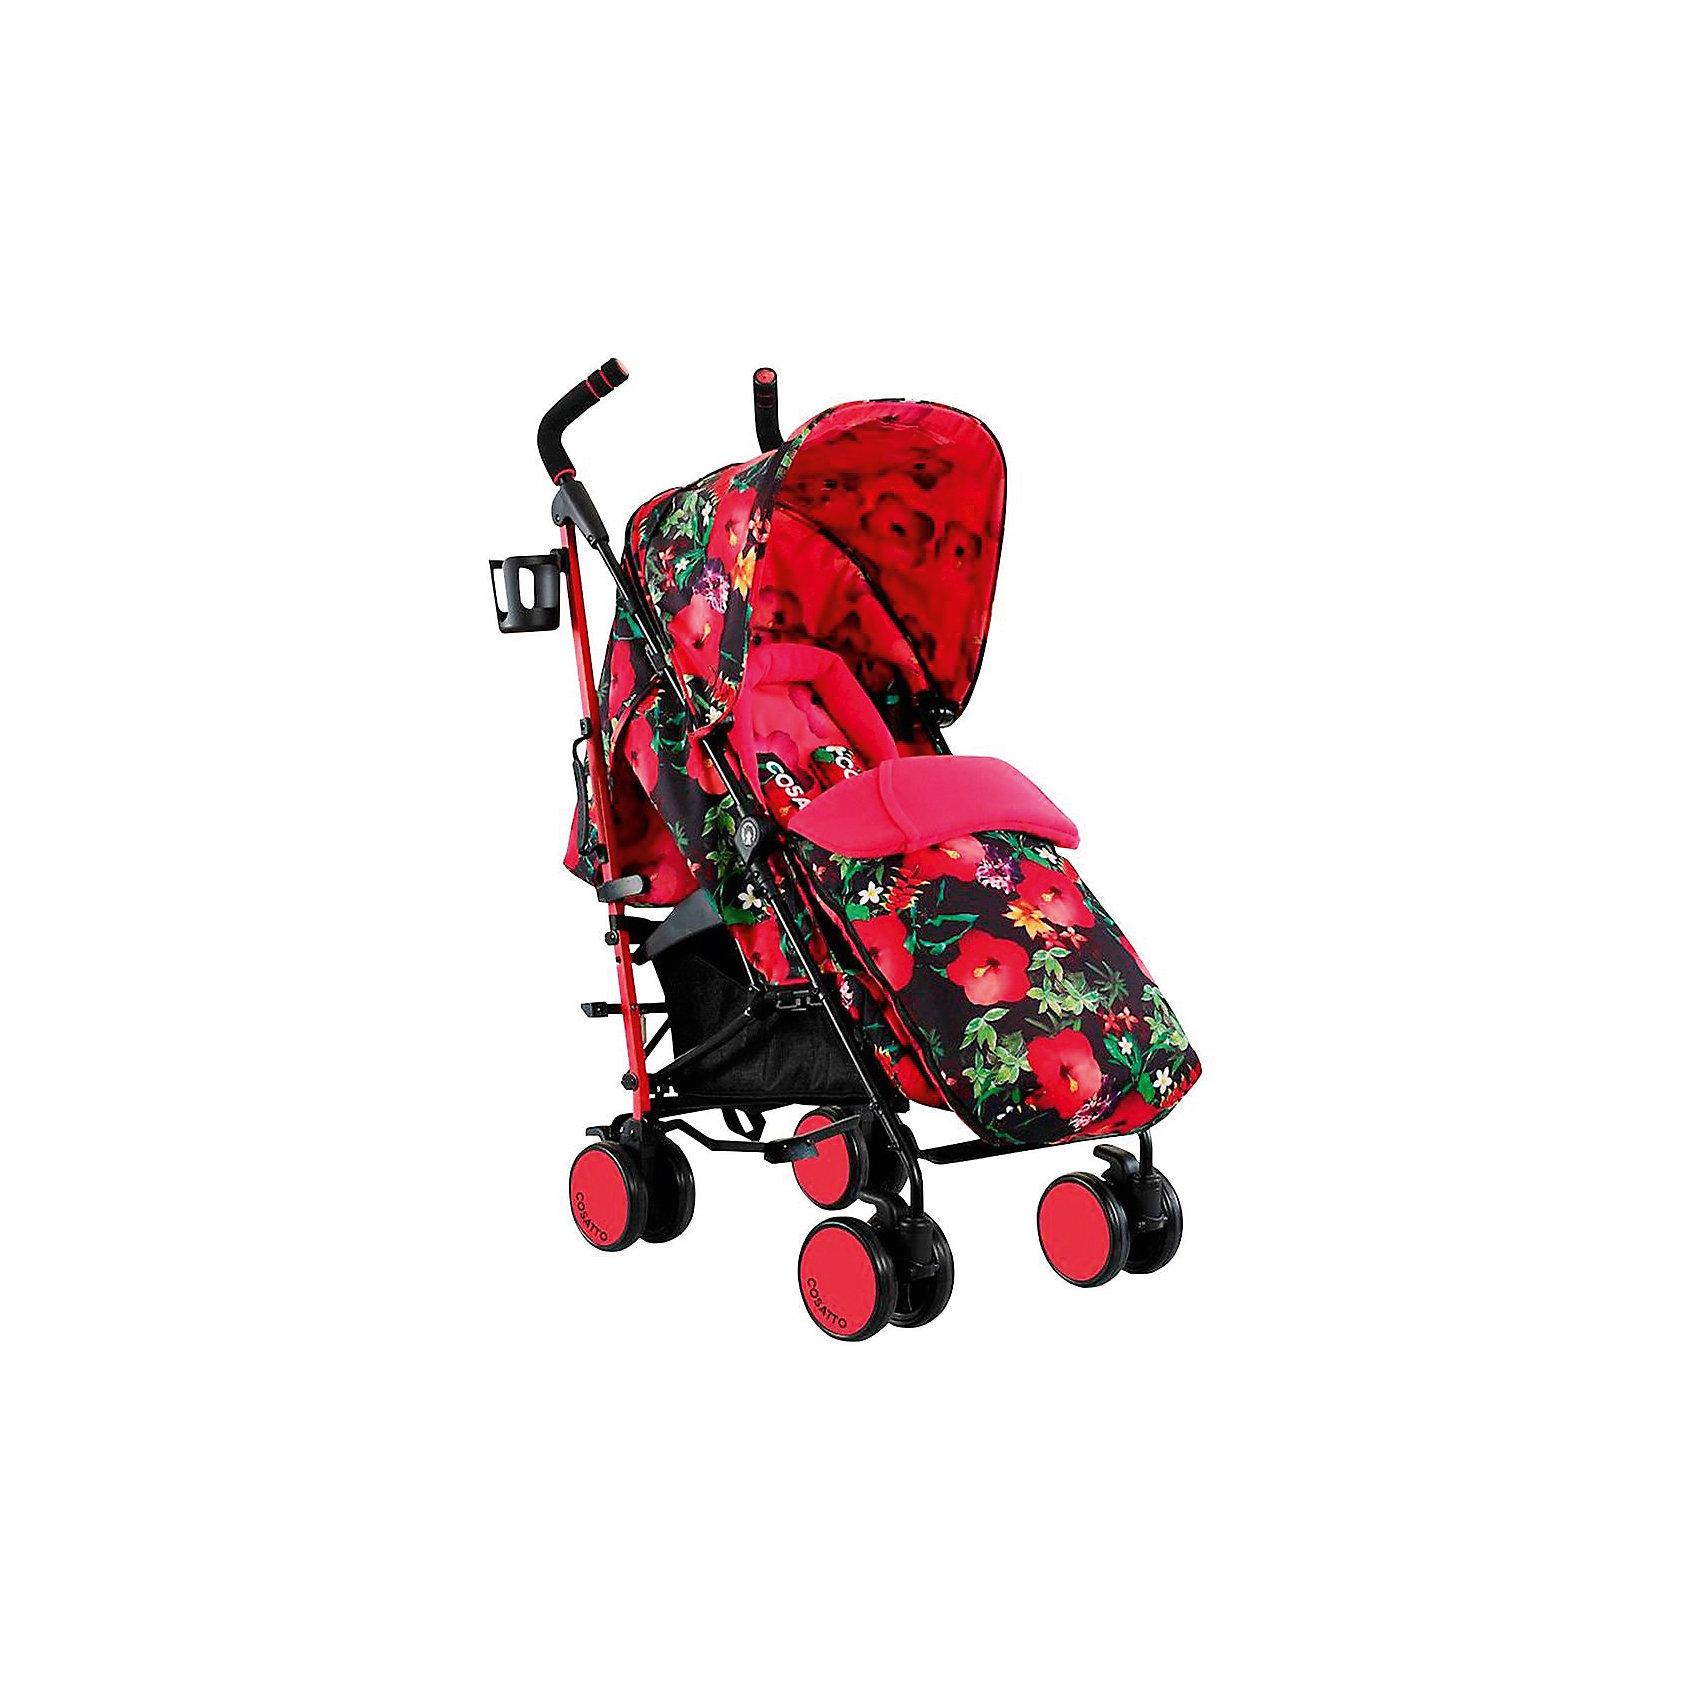 Коляска-трость Supa, Cosatto, TropicoСтильная коляска станет для родителей не только незаменимой вещью, но и стильным аксессуаром. Функциональность, дизайн и маневренность – все это – новая модель от Cosatto. Все материалы, использованные при изготовлении, безопасны и отвечают требованиям по качеству продукции.<br><br>Дополнительные характеристики: <br><br>цвет: Tropico;<br>возраст: 6 месяцев – 3 года;<br>регулируемый капюшон;<br>механизм складывания: трость;<br>регулировка спинки;<br>ножной тормоз;<br>пятиточечные ремни безопасности;<br>габариты: 78 х 48,5 х 110 см;<br>материал шасси: алюминий;<br>комплектация: блок для прогулок, складывающиеся шасси, подголовник, подстаканник, защита от дождя и солнца, регулируемая ручка, конверт - муфта.<br><br>ВНИМАНИЕ!!! В комплектацию коляски не входит бампер, его можно купить отдельно.<br><br>Коляску-трость SUPA от компании Cosatto можно приобрести в нашем магазине.<br><br>Ширина мм: 1120<br>Глубина мм: 280<br>Высота мм: 280<br>Вес г: 12000<br>Возраст от месяцев: 6<br>Возраст до месяцев: 36<br>Пол: Унисекс<br>Возраст: Детский<br>SKU: 5025712